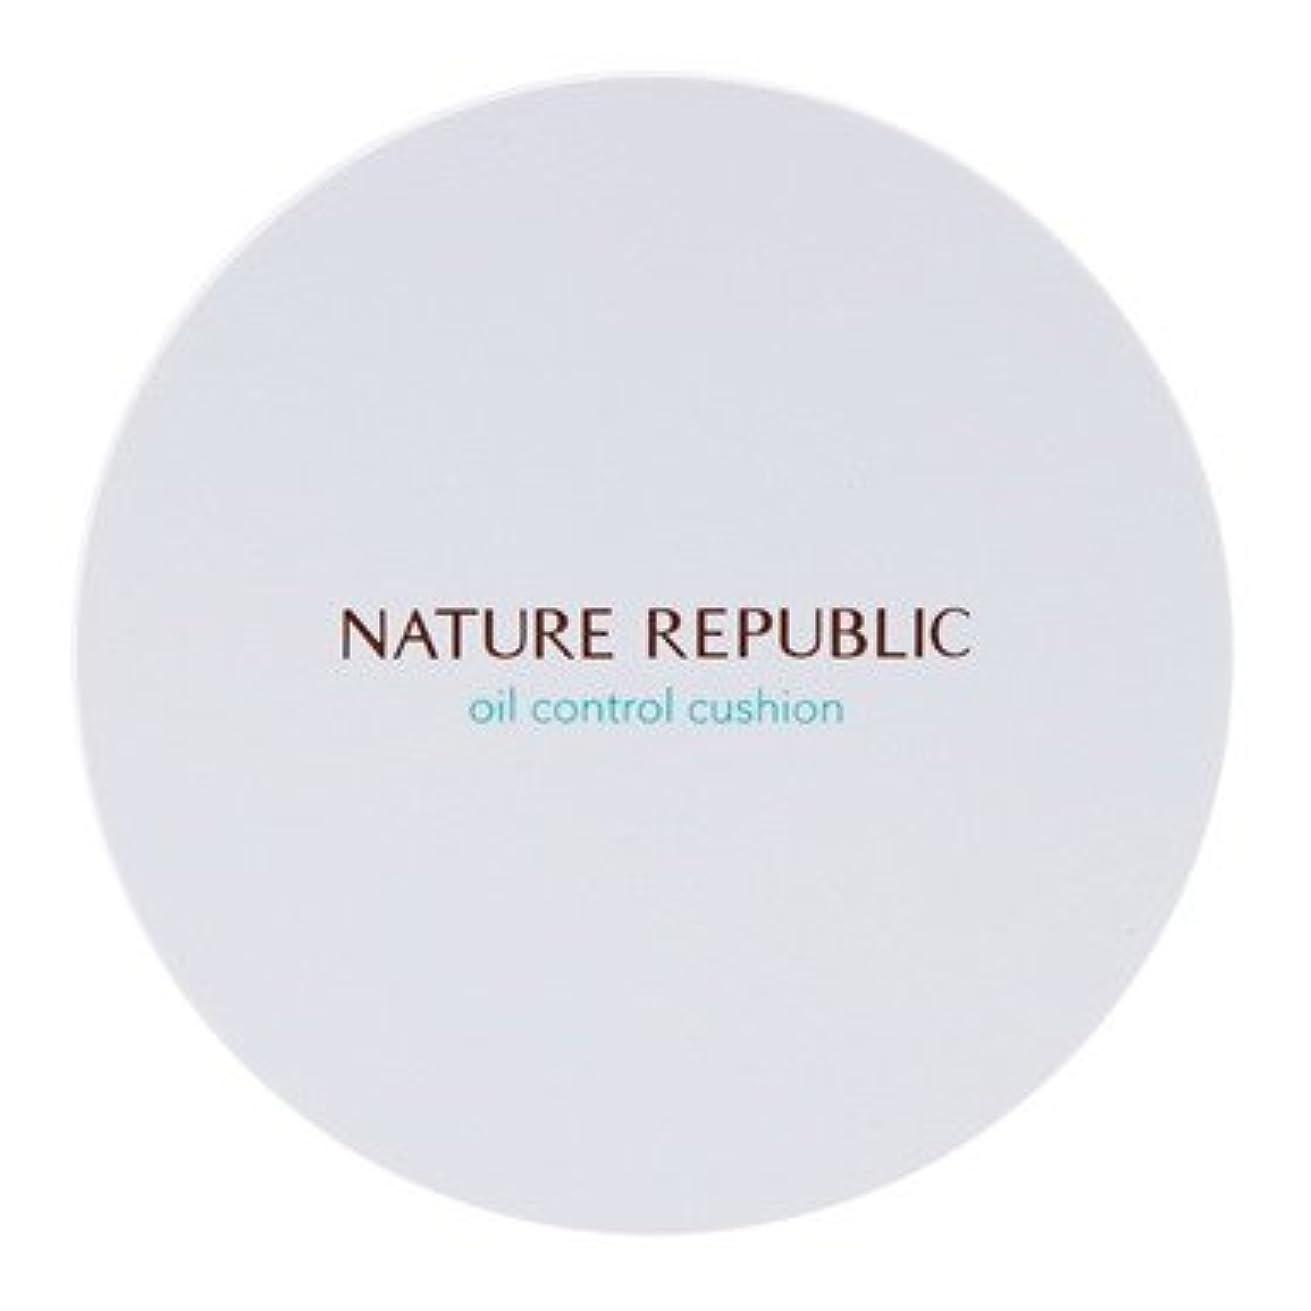 助言する新着ボード【NATURE REPUBLIC (ネイチャーリパブリック)】プロヴァンス エアスキンフィット オイルコントロール クッション 15g (SPF50+/ PA+++)(2カラー選択1) (02 ナチュラルベージュ) [並行輸入品]